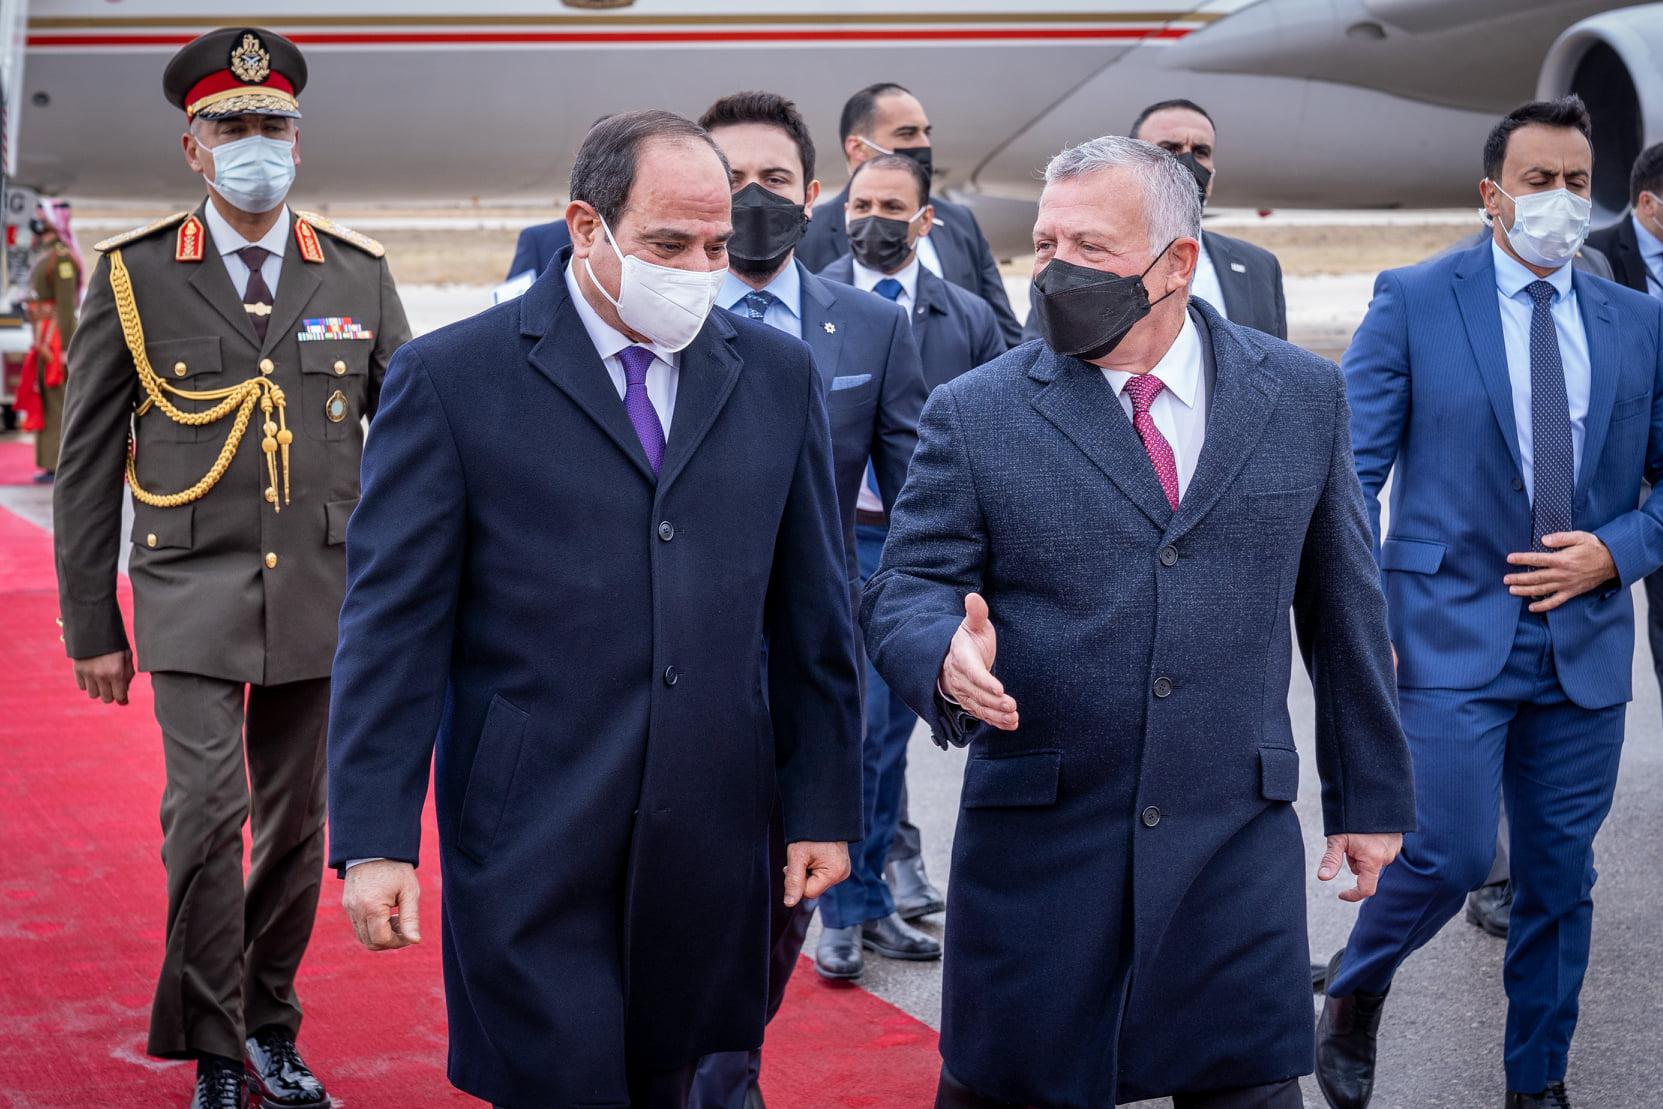 الرئيس السيسي يصل الأردن لعقد قمة ثنائية مع الملك عبدالله الثانى